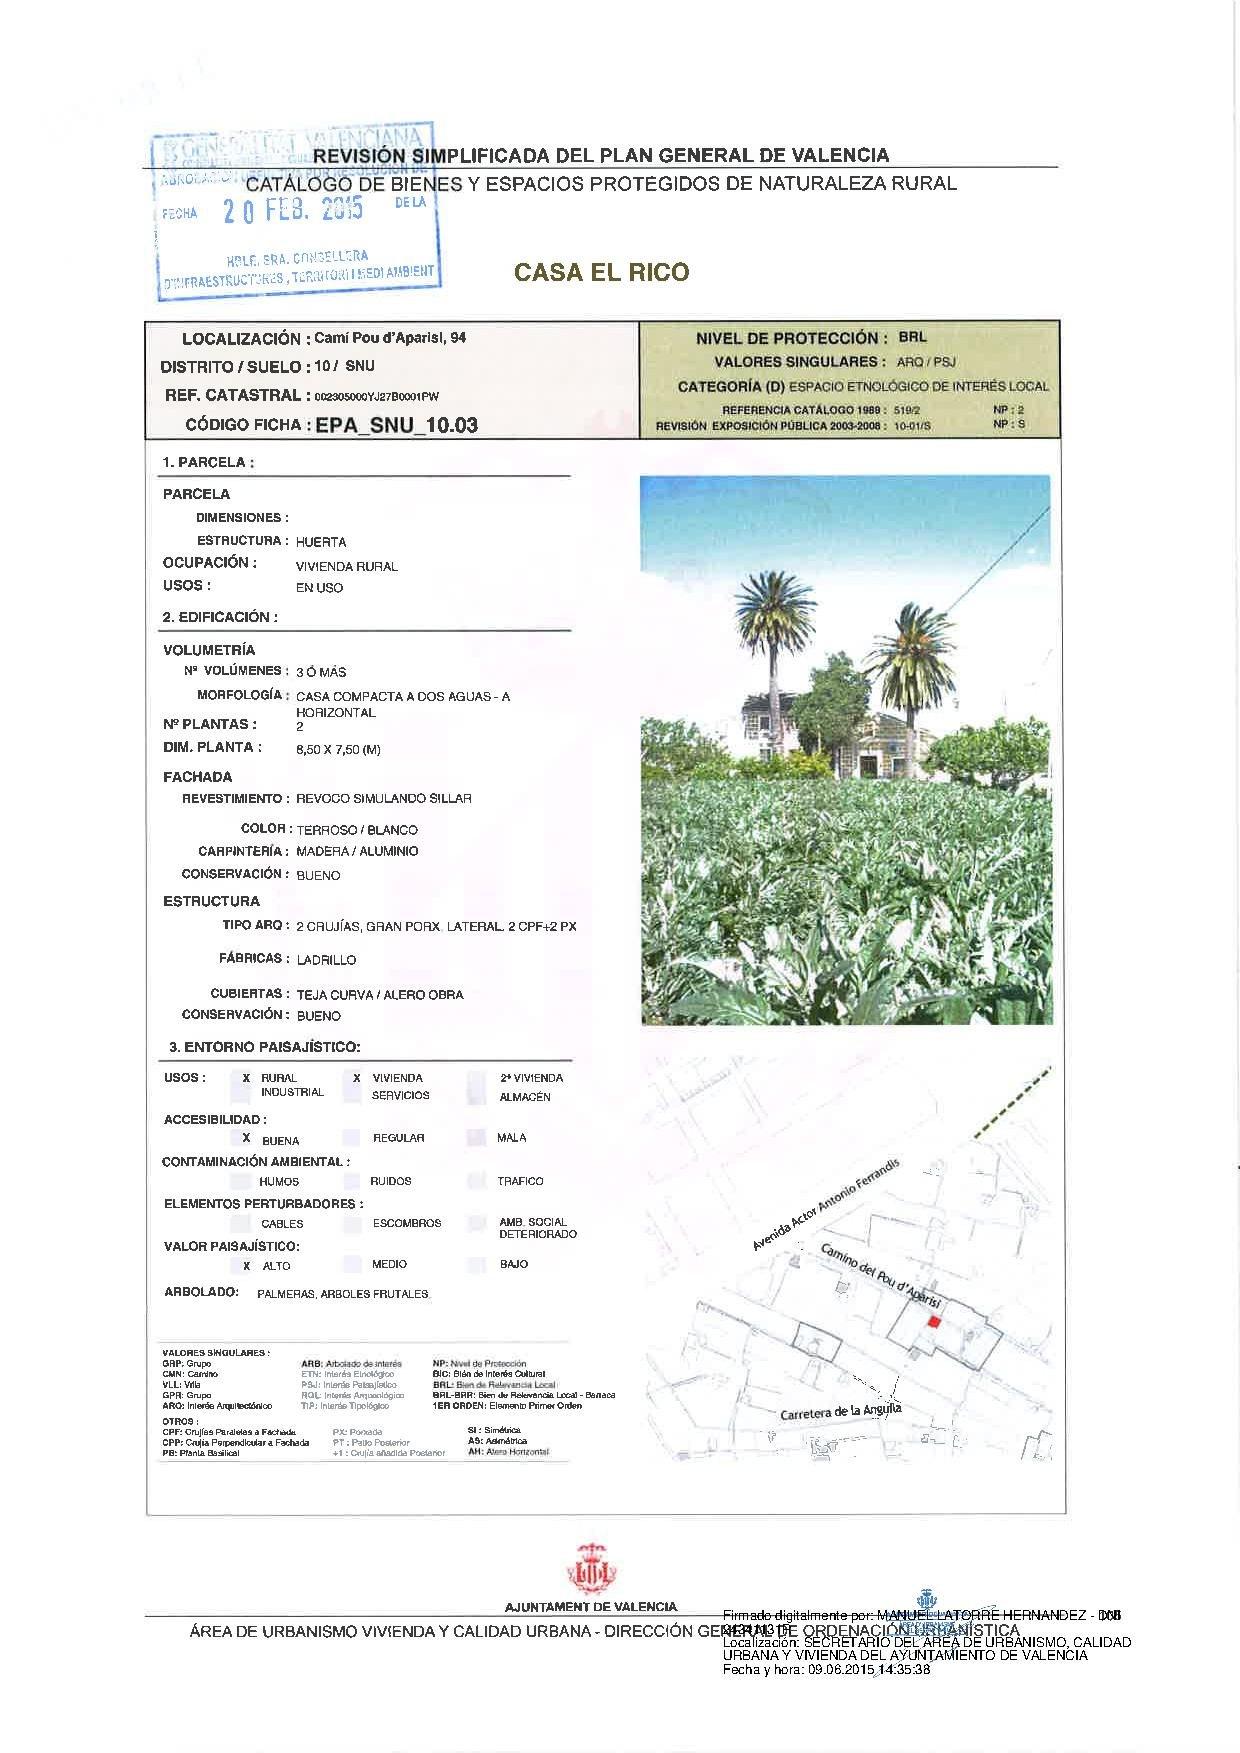 Camino Per La Casa file:10.03-epa casa el rico firmado.pdf - wikimedia commons